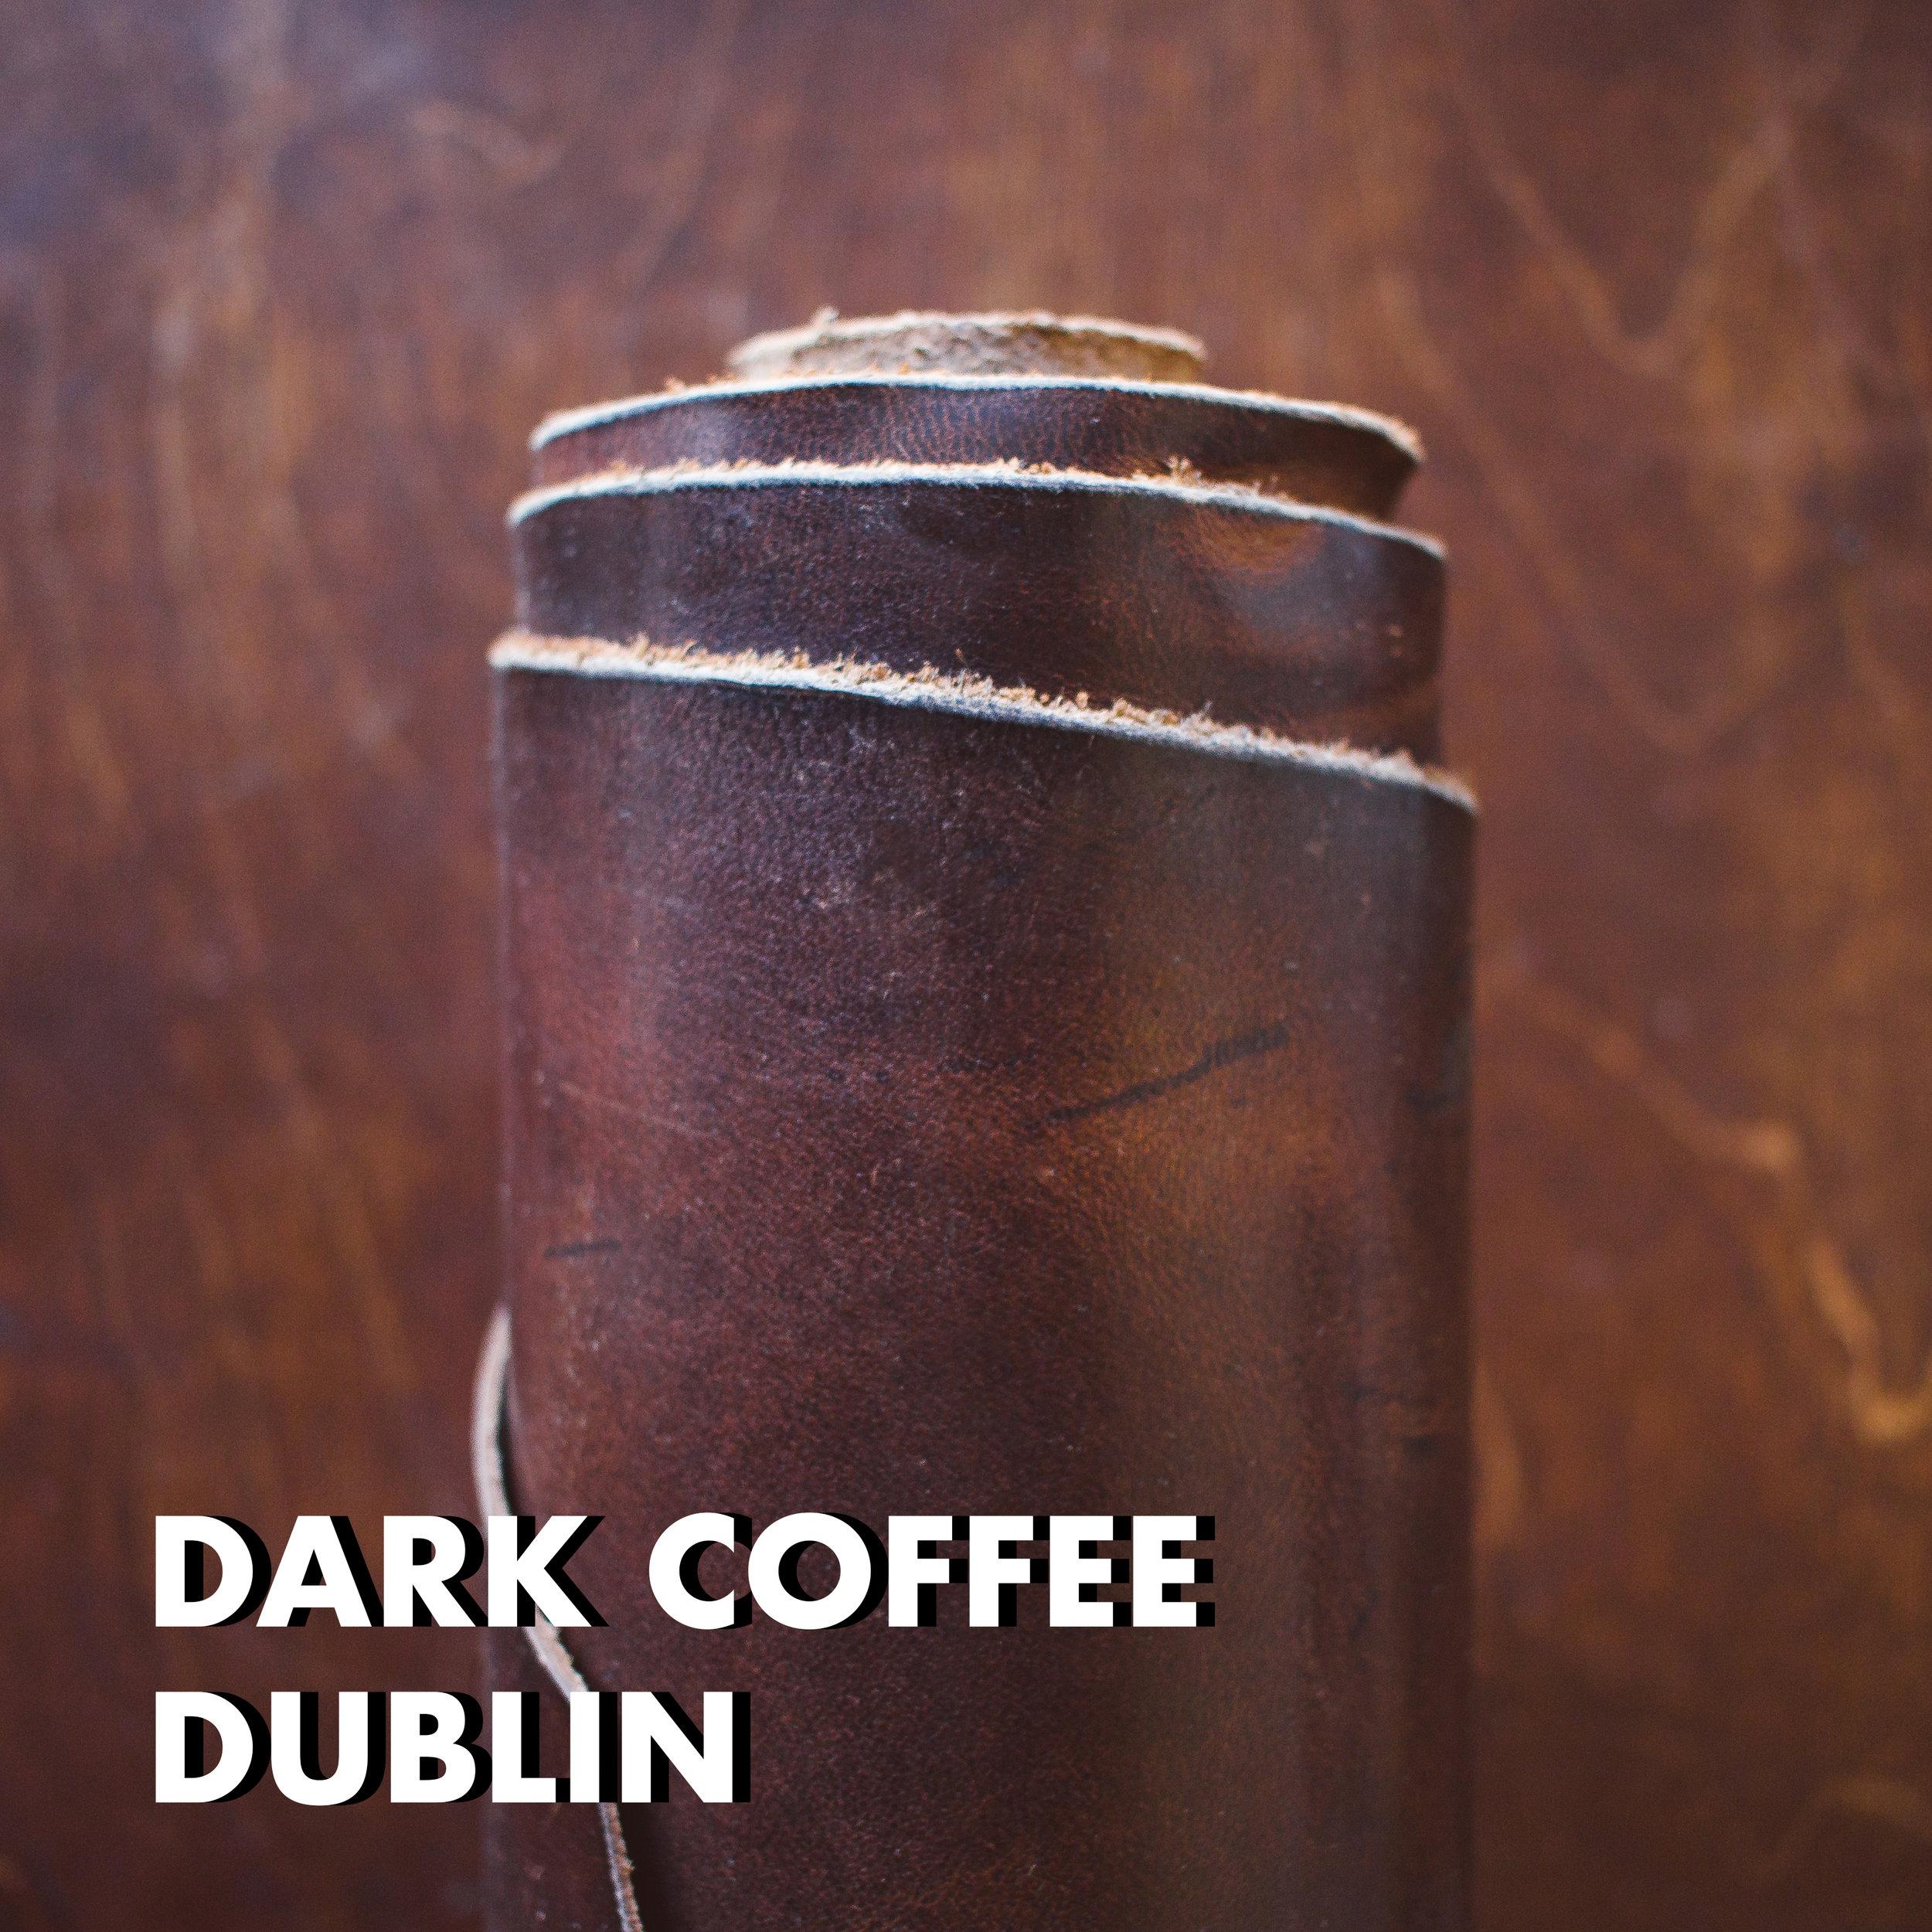 Leather_DarkCoffeeDublin.2.jpg